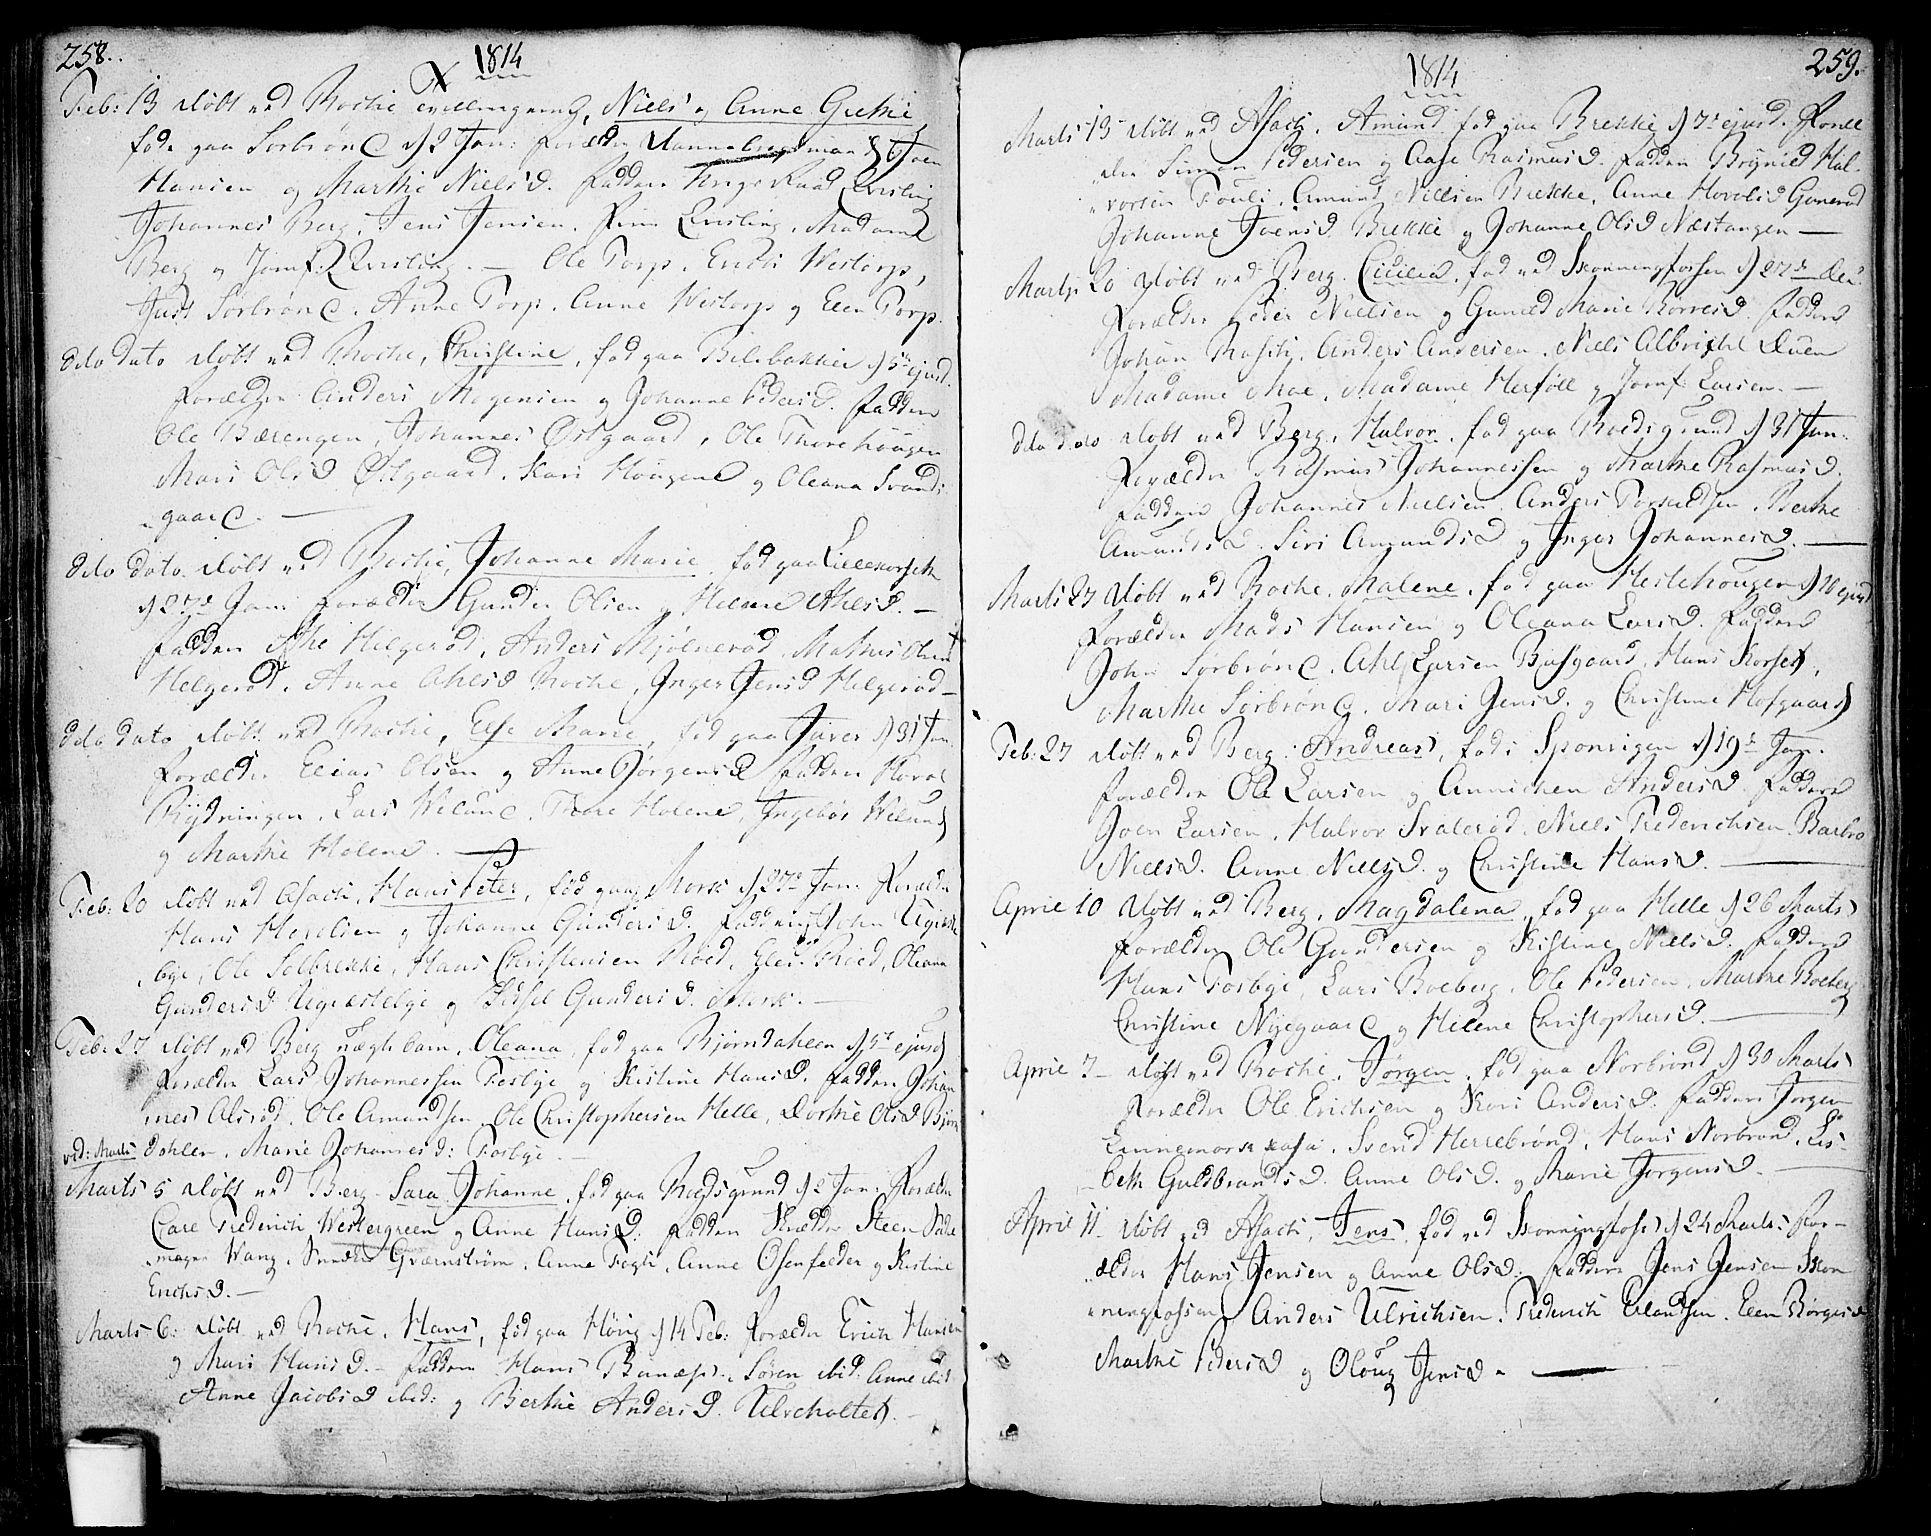 SAO, Berg prestekontor Kirkebøker, F/Fa/L0001: Ministerialbok nr. I 1, 1770-1814, s. 258-259